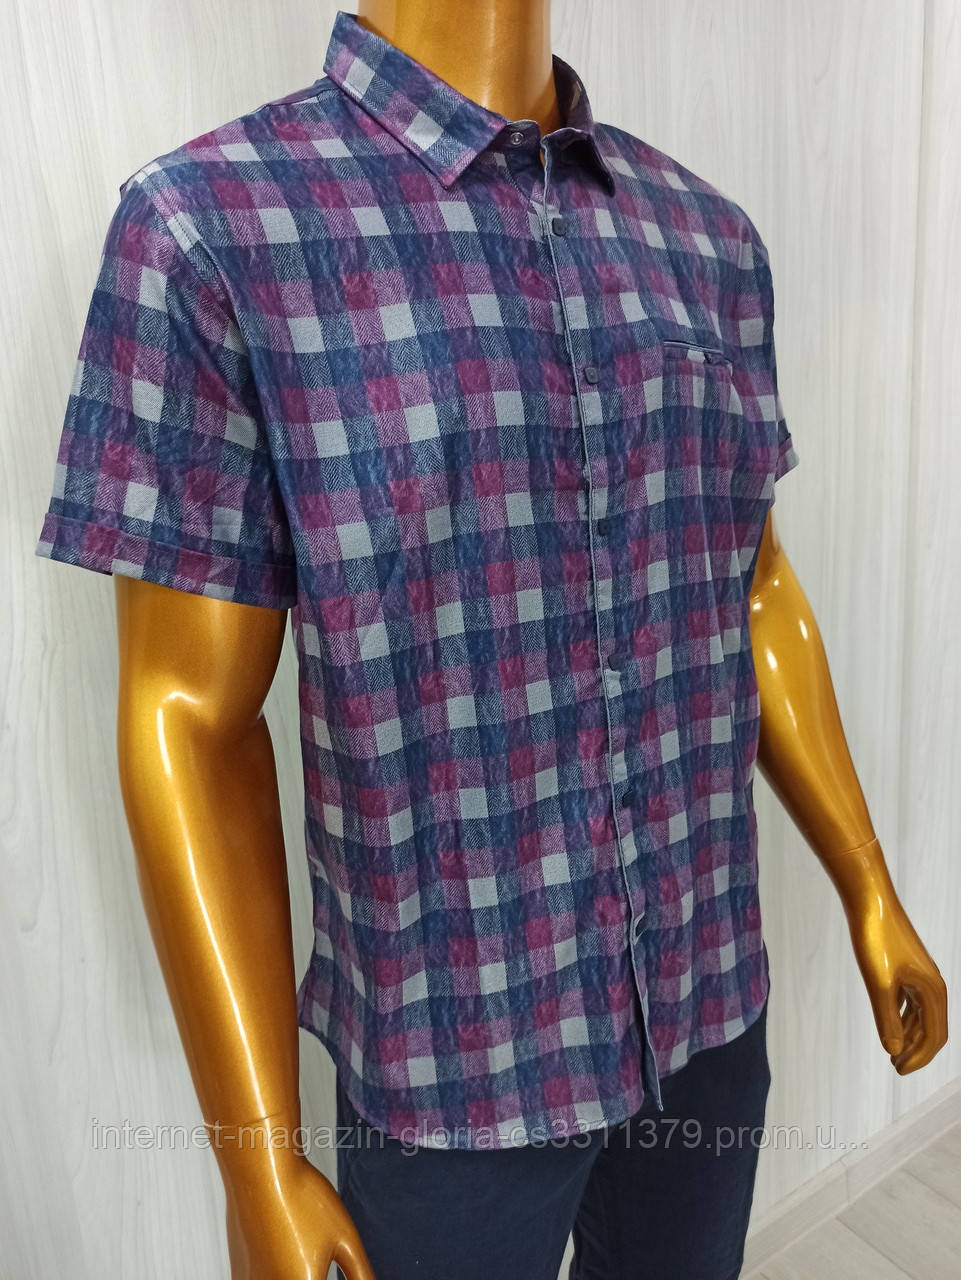 Мужская рубашка Amato. AG  29585. Размеры: 2XL,3XL,4XL,5XL.